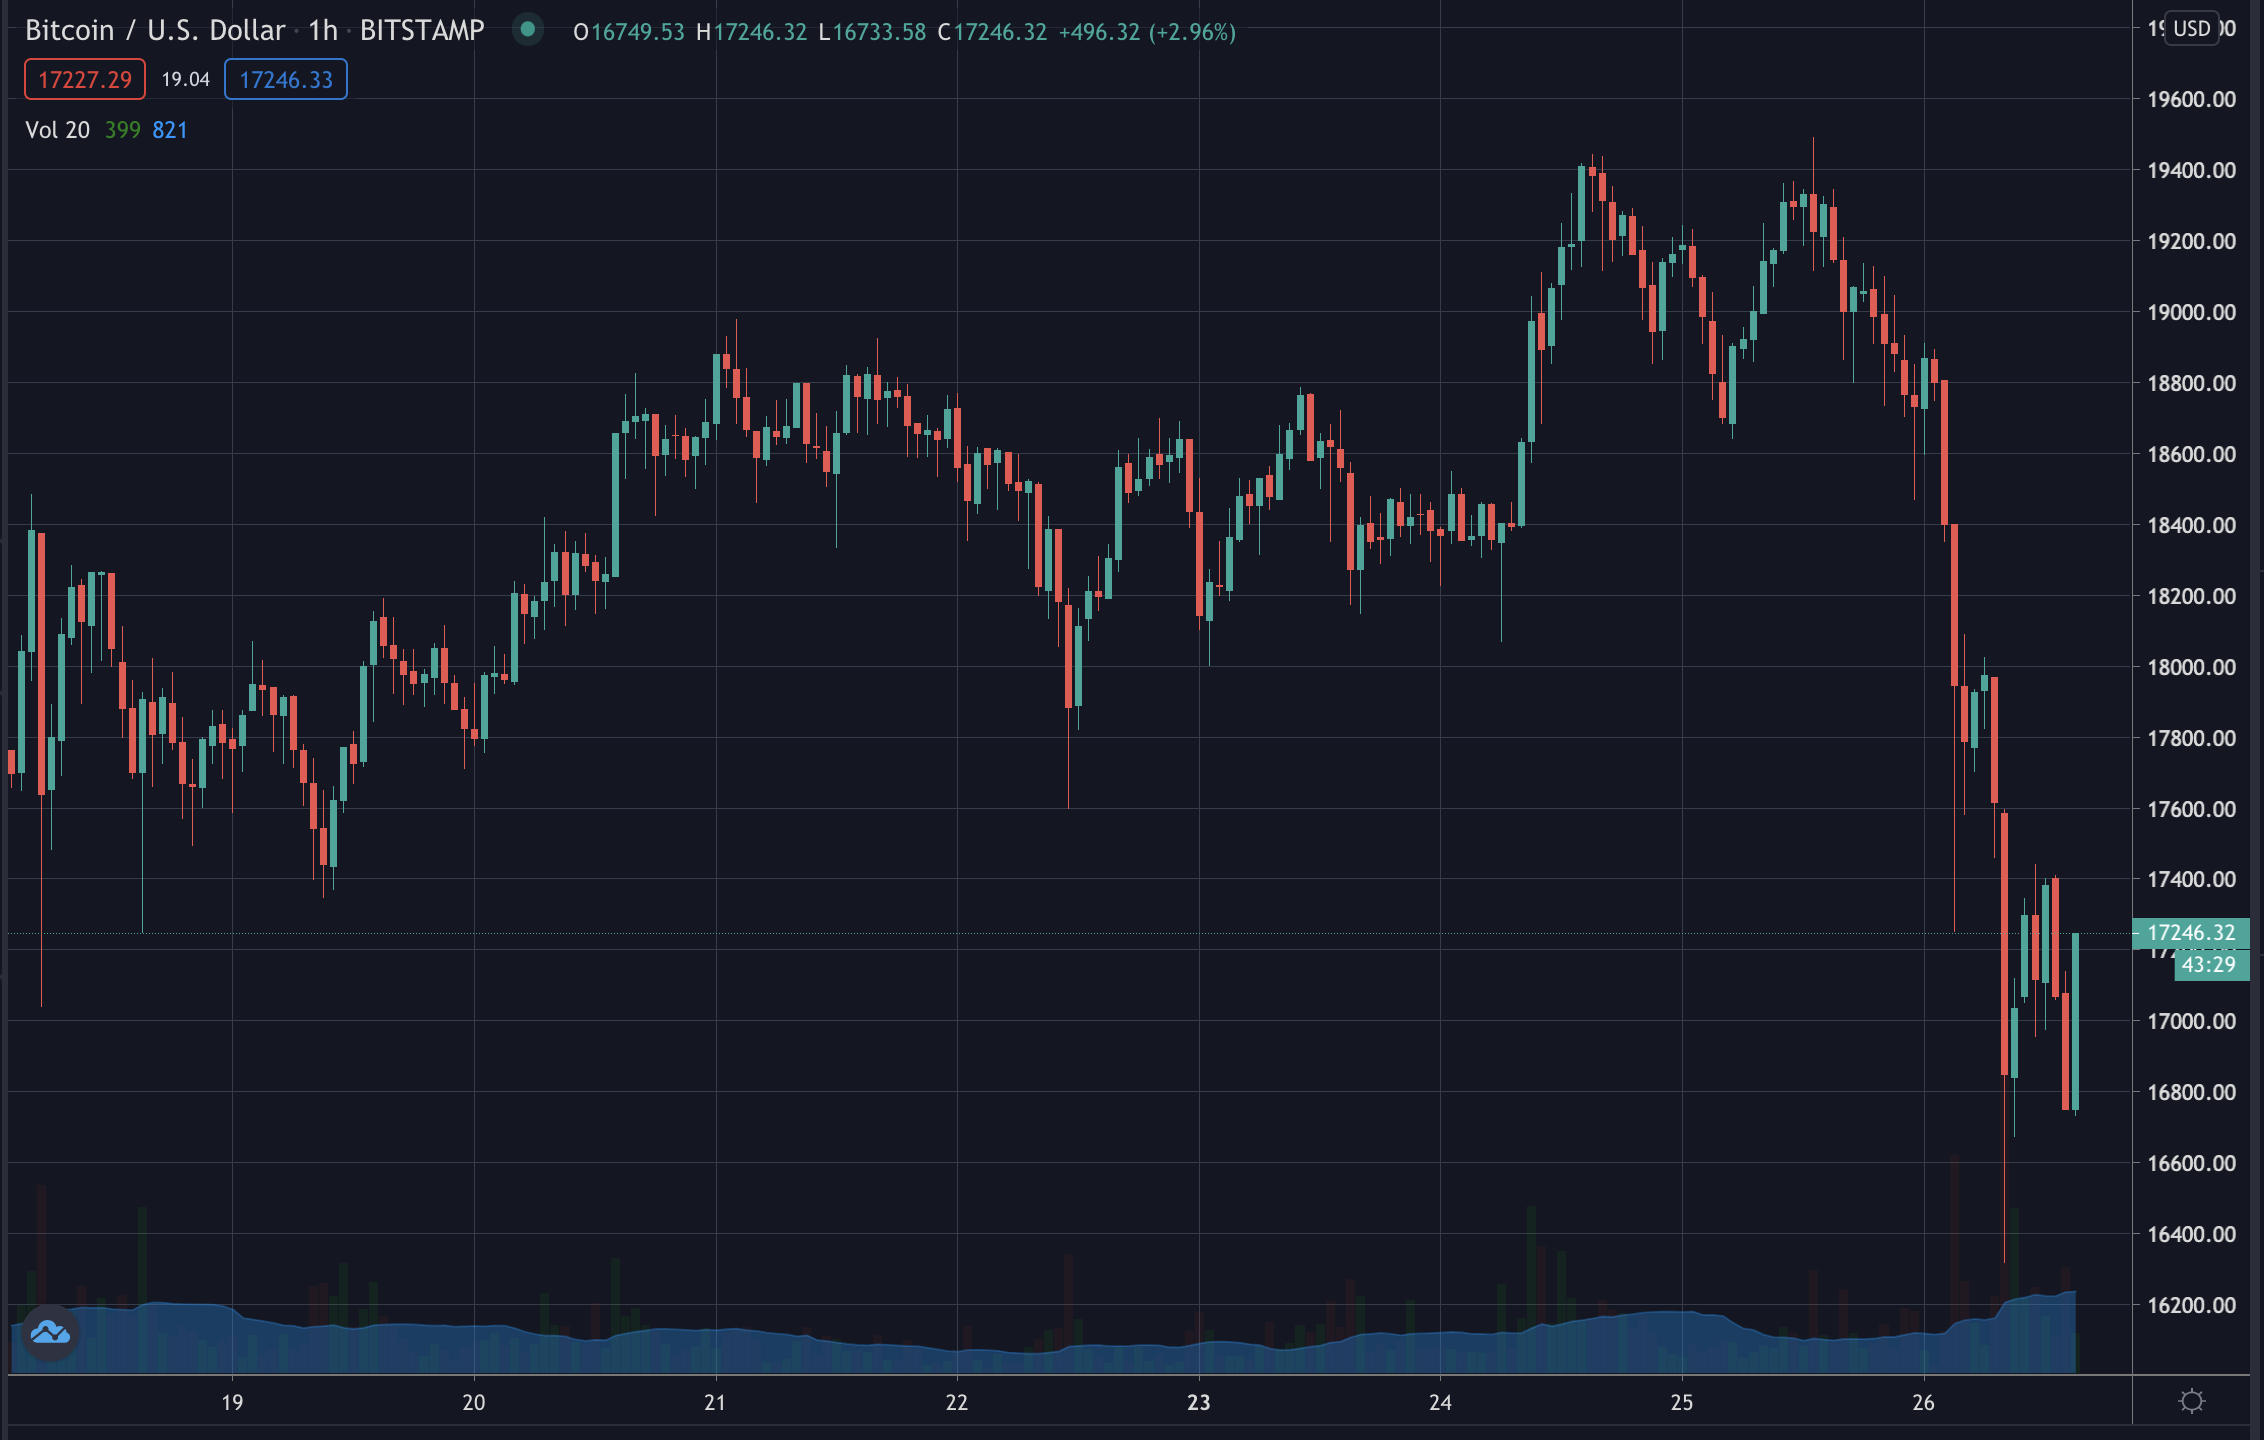 Bitcoin's price, Nov 2020